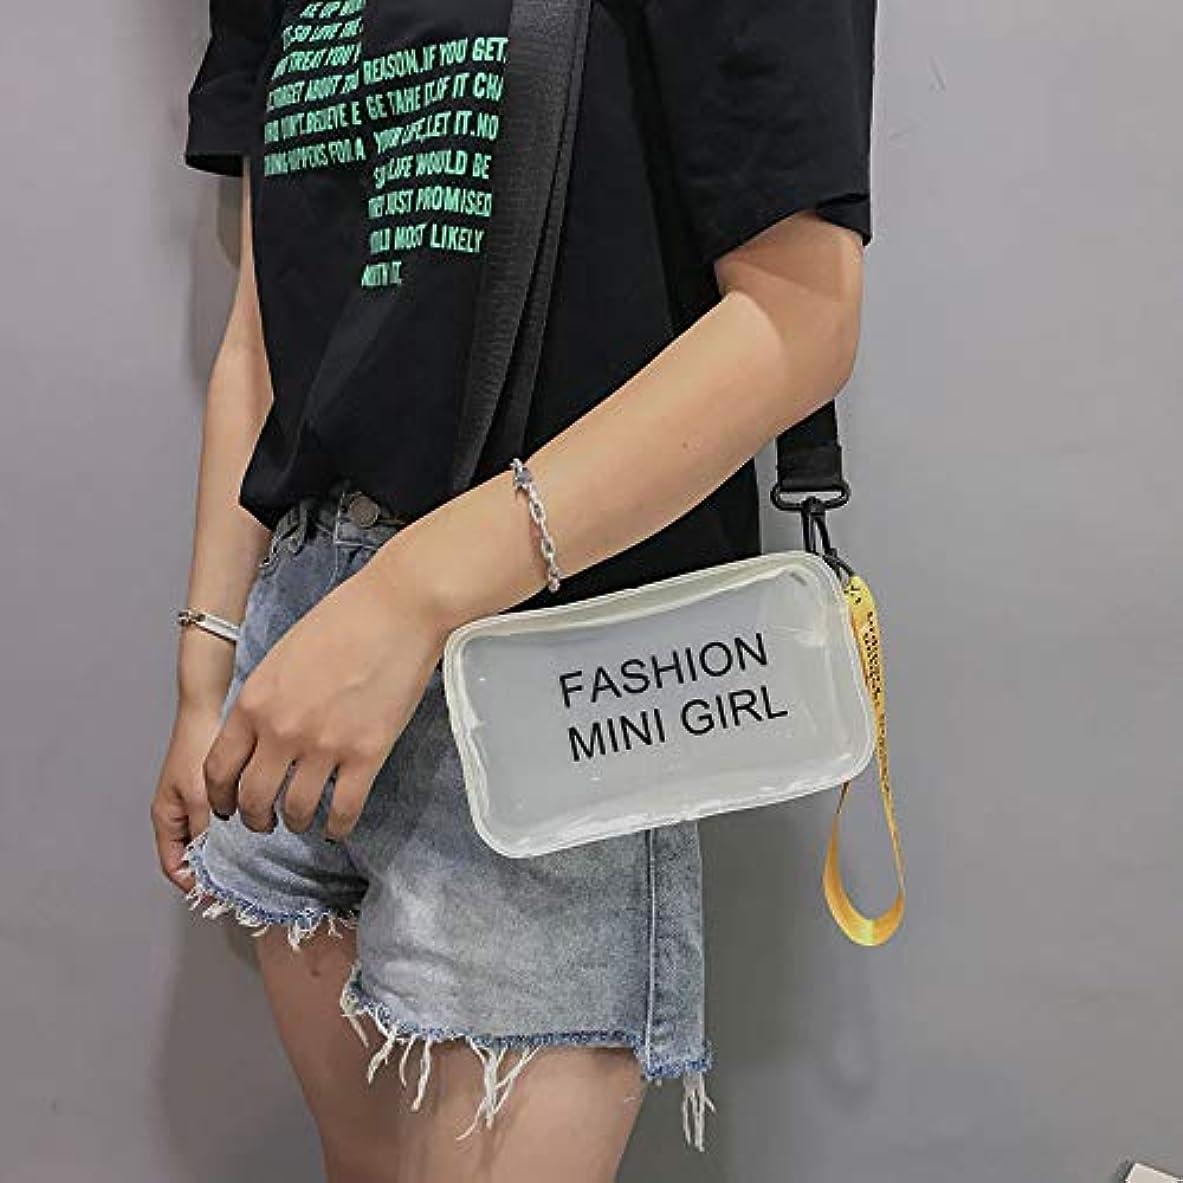 お手伝いさんミッションインポート女性ファッションゼリー手紙ストリートシンプルデザインショルダーバッグメッセンジャーバッグ、ゼリー手紙メッセンジャーバッグハンドバッグ携帯電話バッグ、ファッション汎用メッセンジャーバッグショルダーバッグハンドバッグ (白)